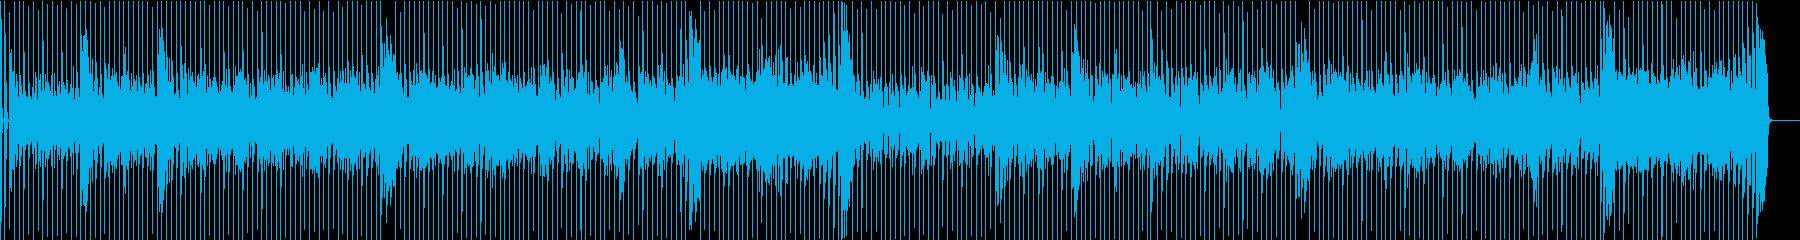 CMに!カッコイイ・ファンクロックの再生済みの波形